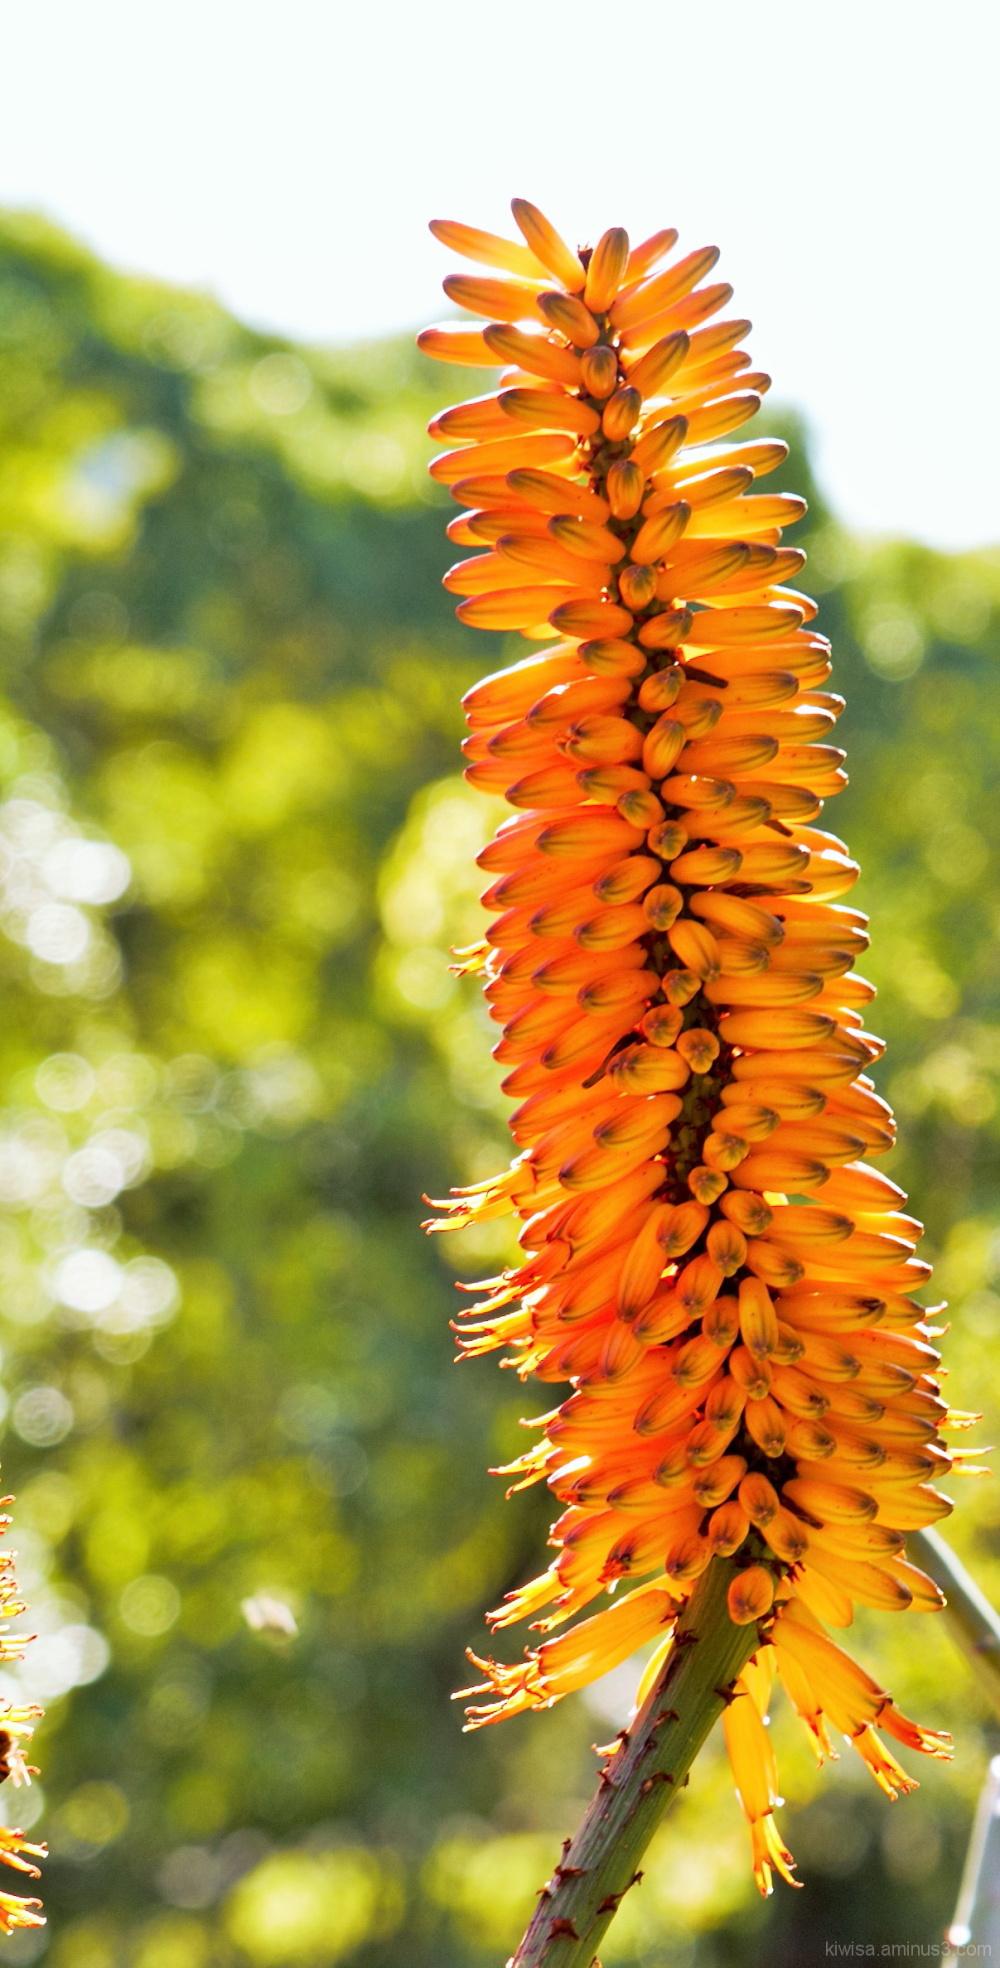 #2 Kirstenbosch